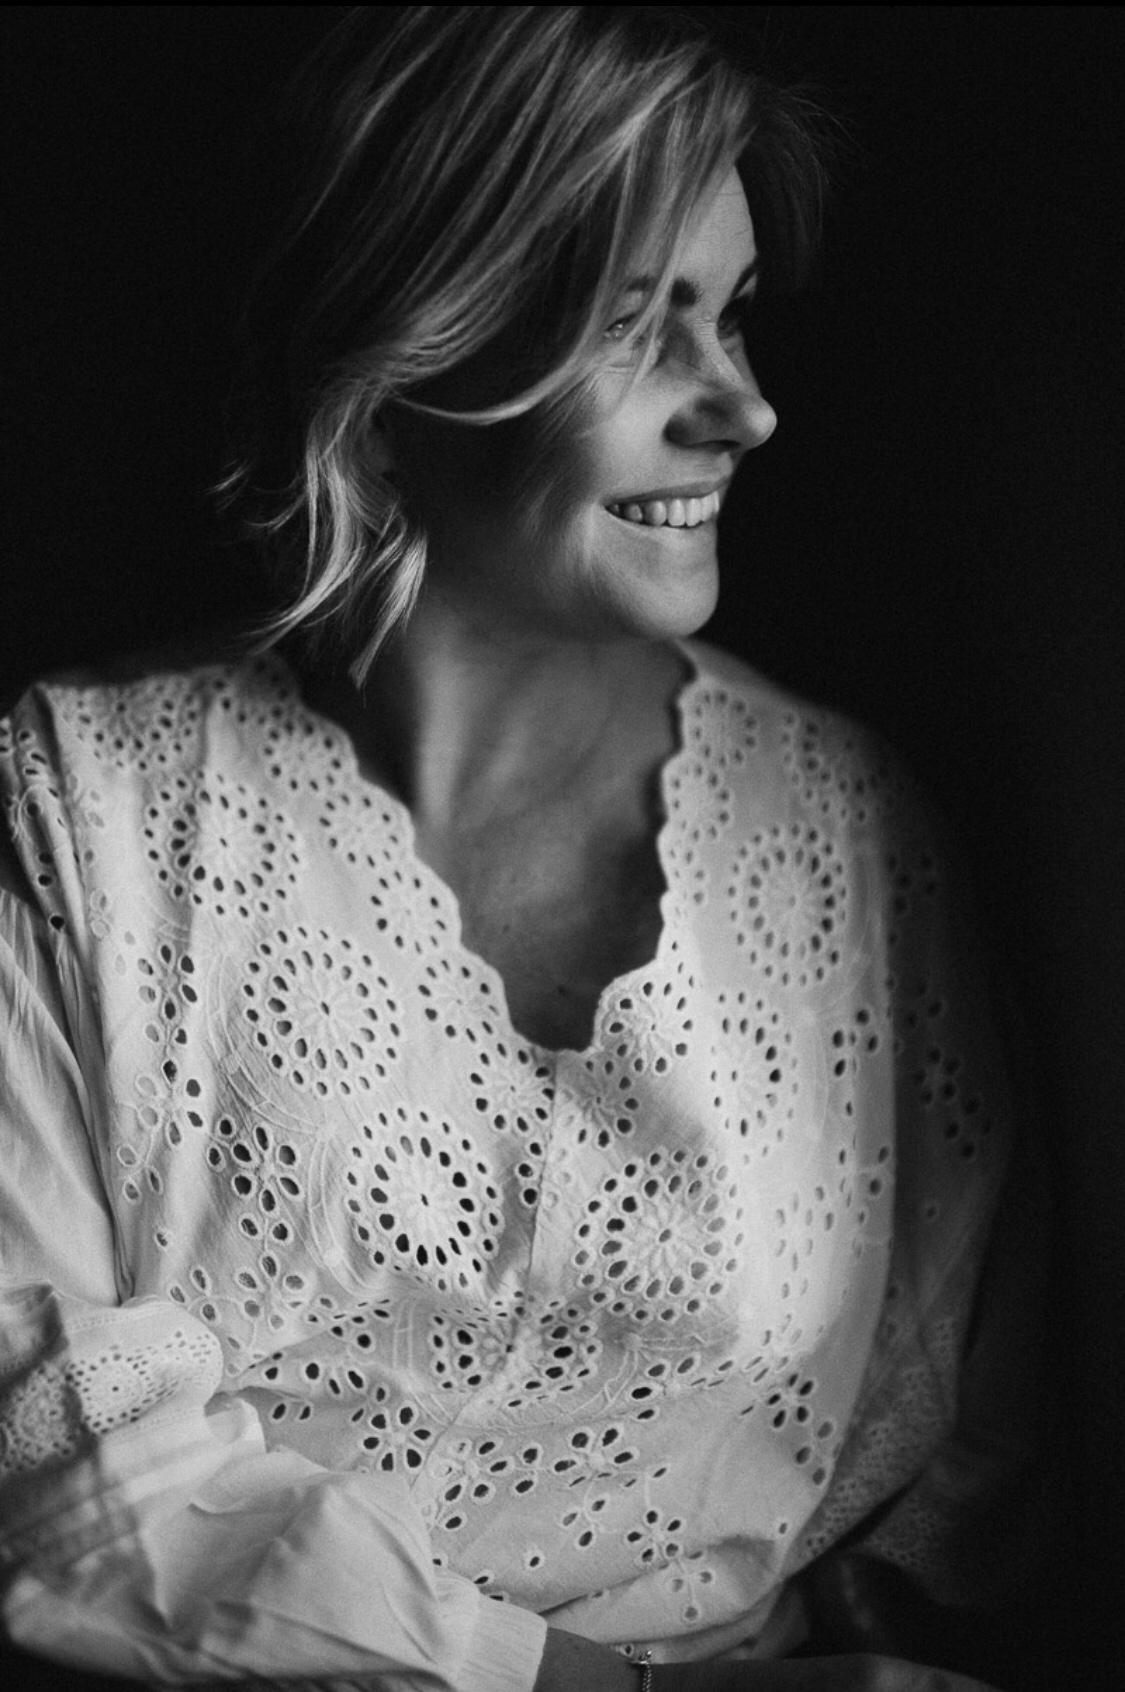 Inredningspodden möter Malin Lindner